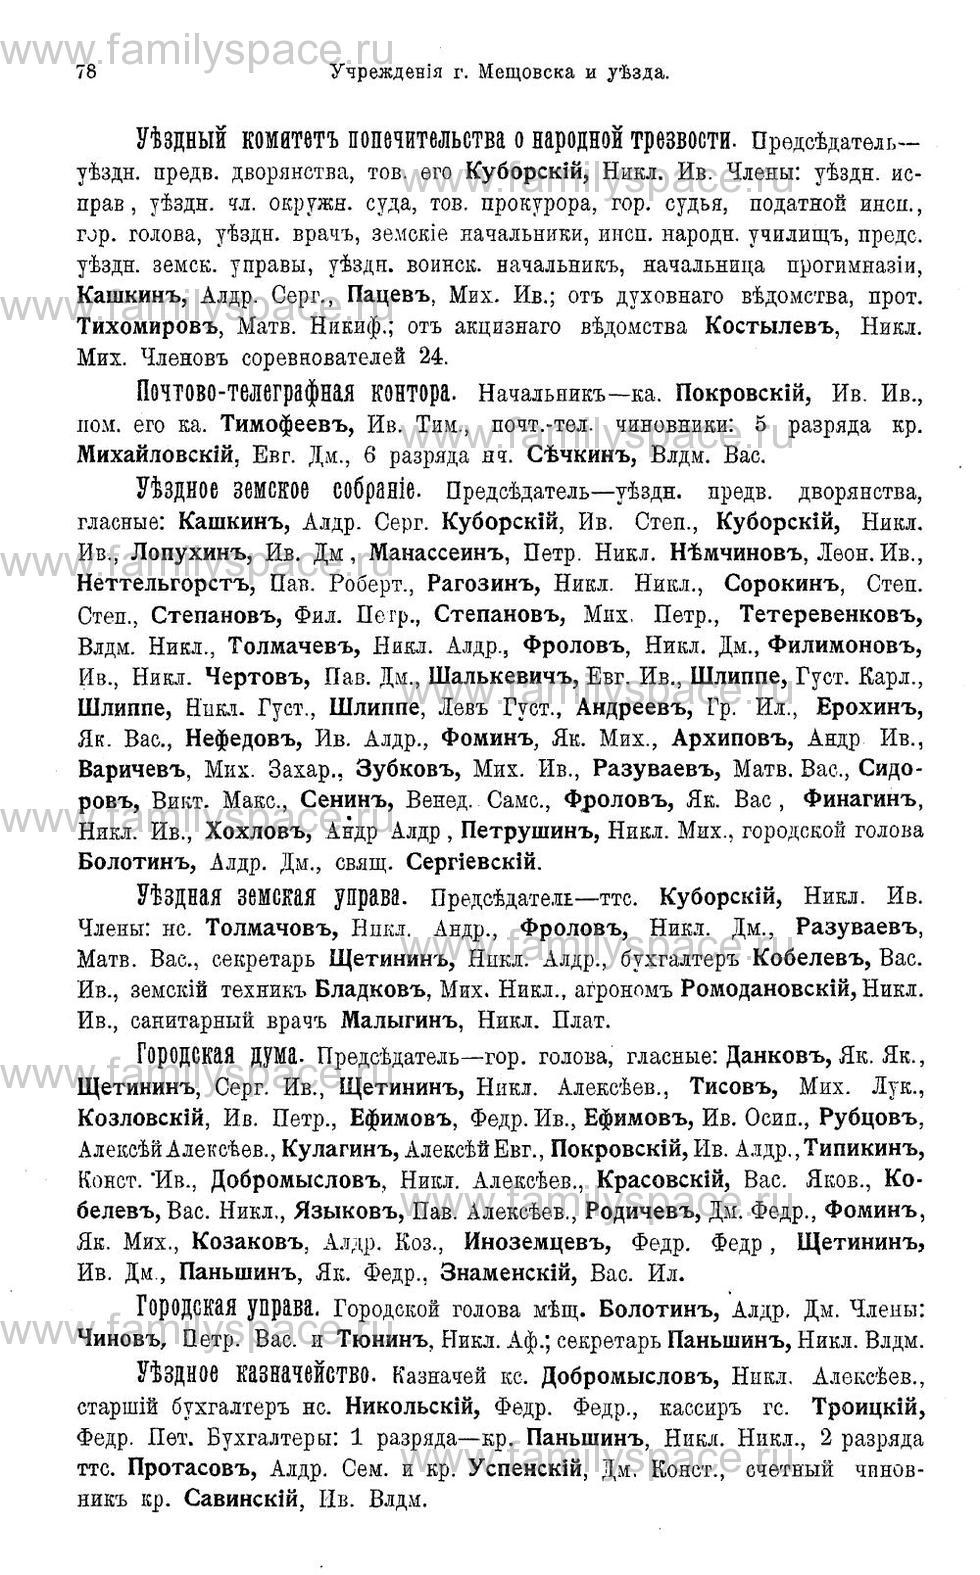 Поиск по фамилии - Памятная книжка и адрес-календарь Калужской губернии на 1911 год, страница 2078